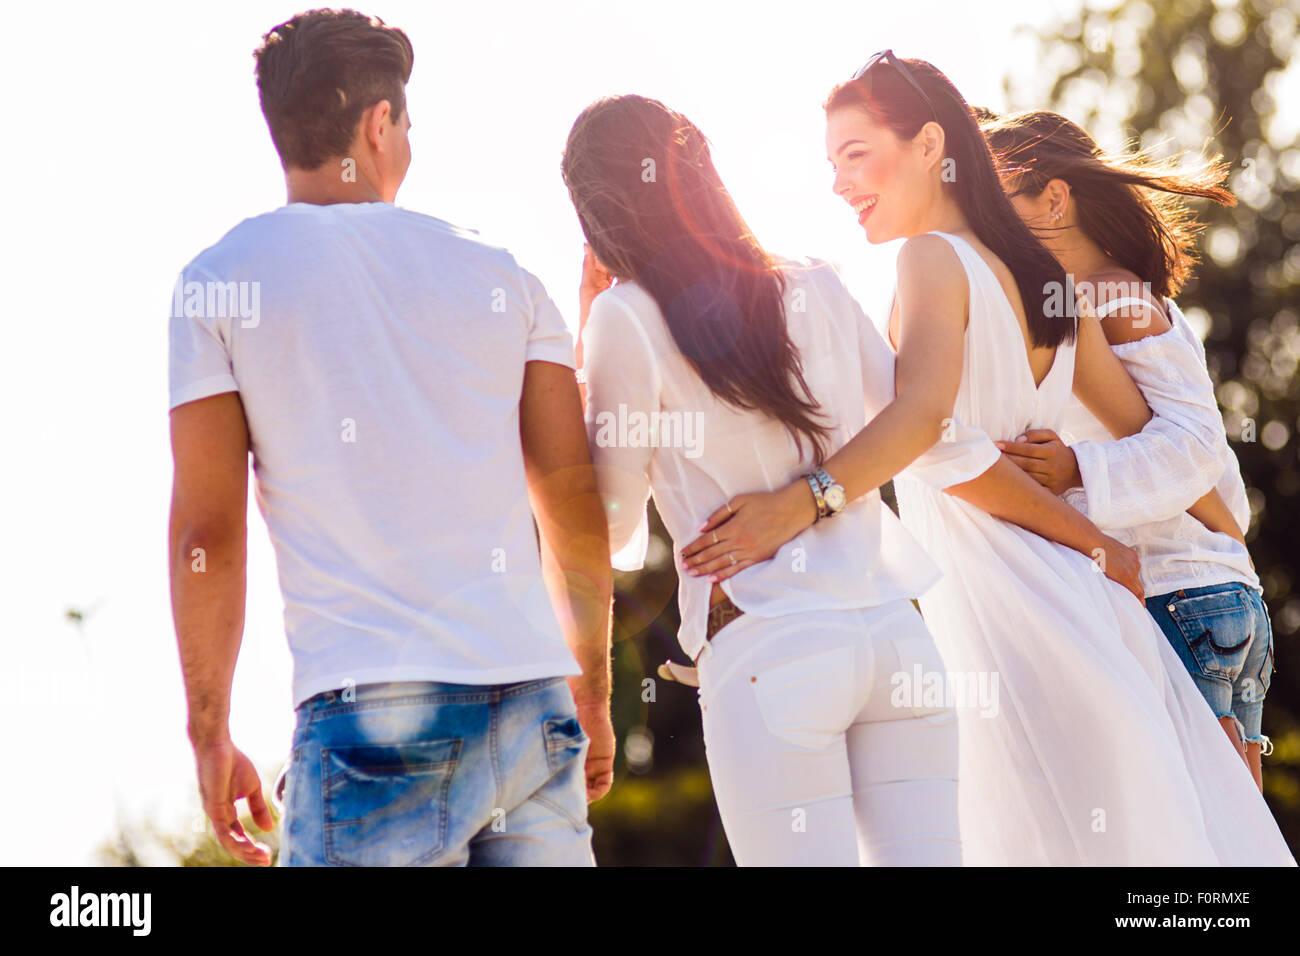 Groupe de jeunes holding hands on beach en signe d'amitié Photo Stock